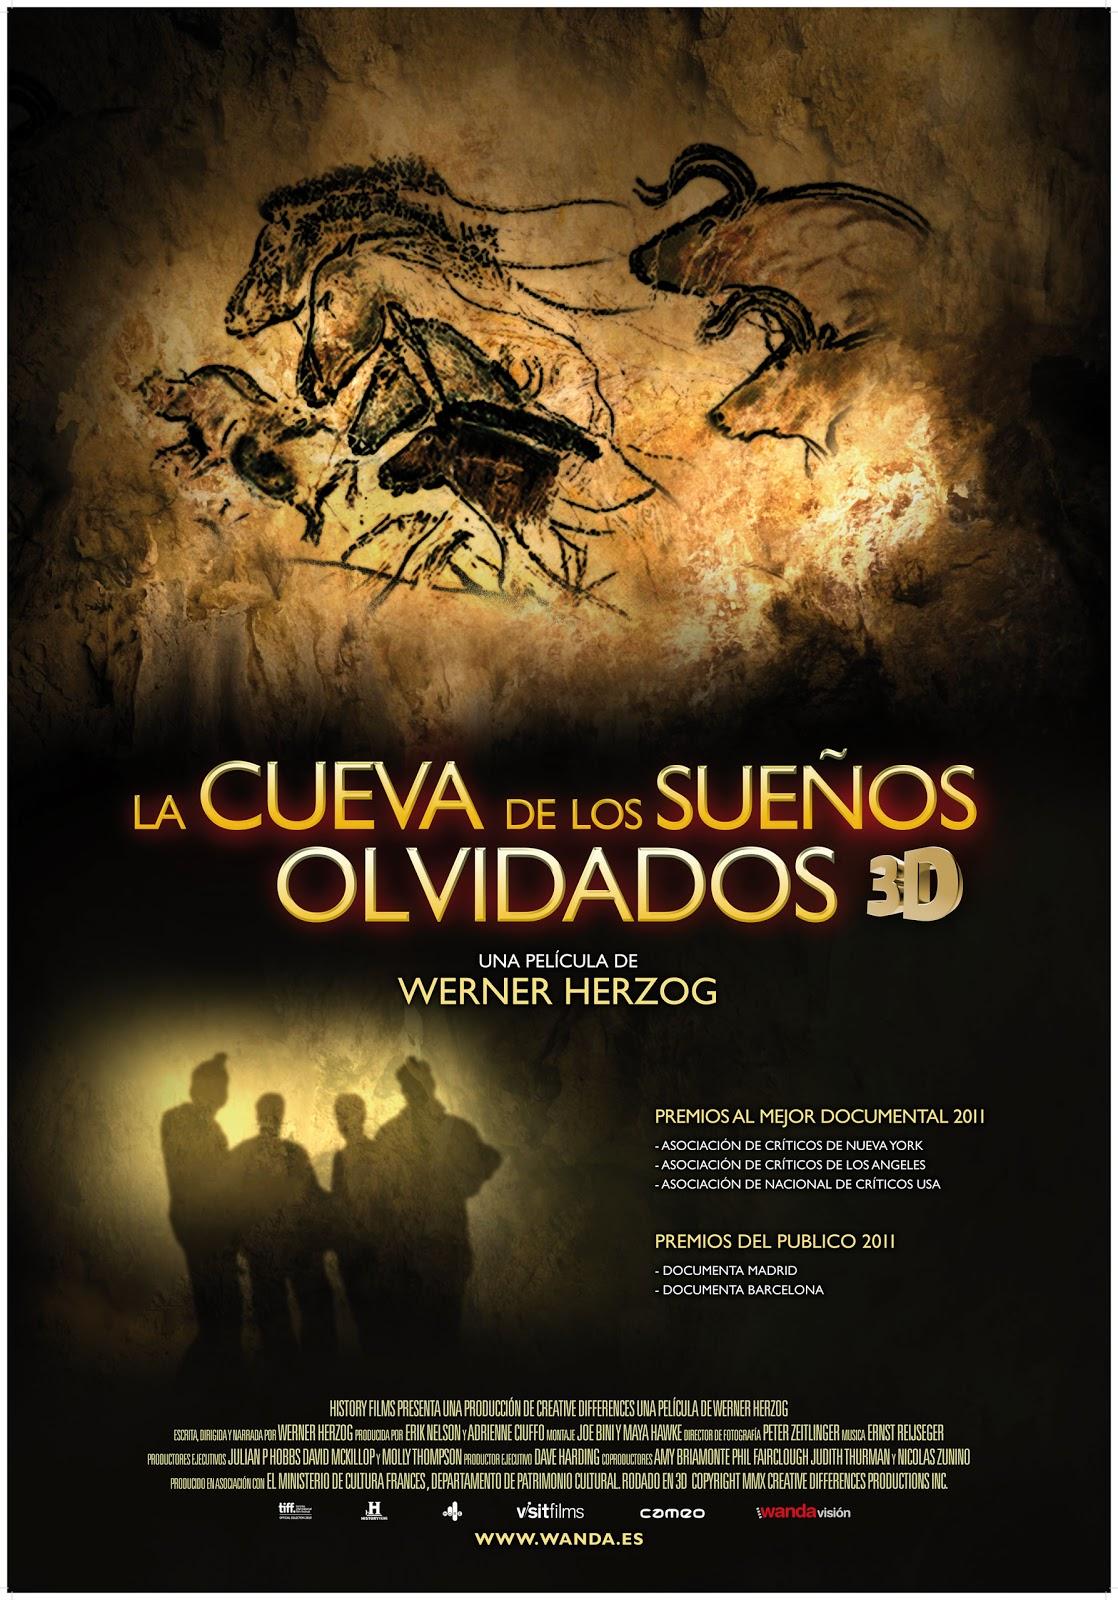 P ster y trailer de 39 la cueva de los sue os olvidados 39 este viernes en cines no es cine todo - La casa de los suenos olvidados ...